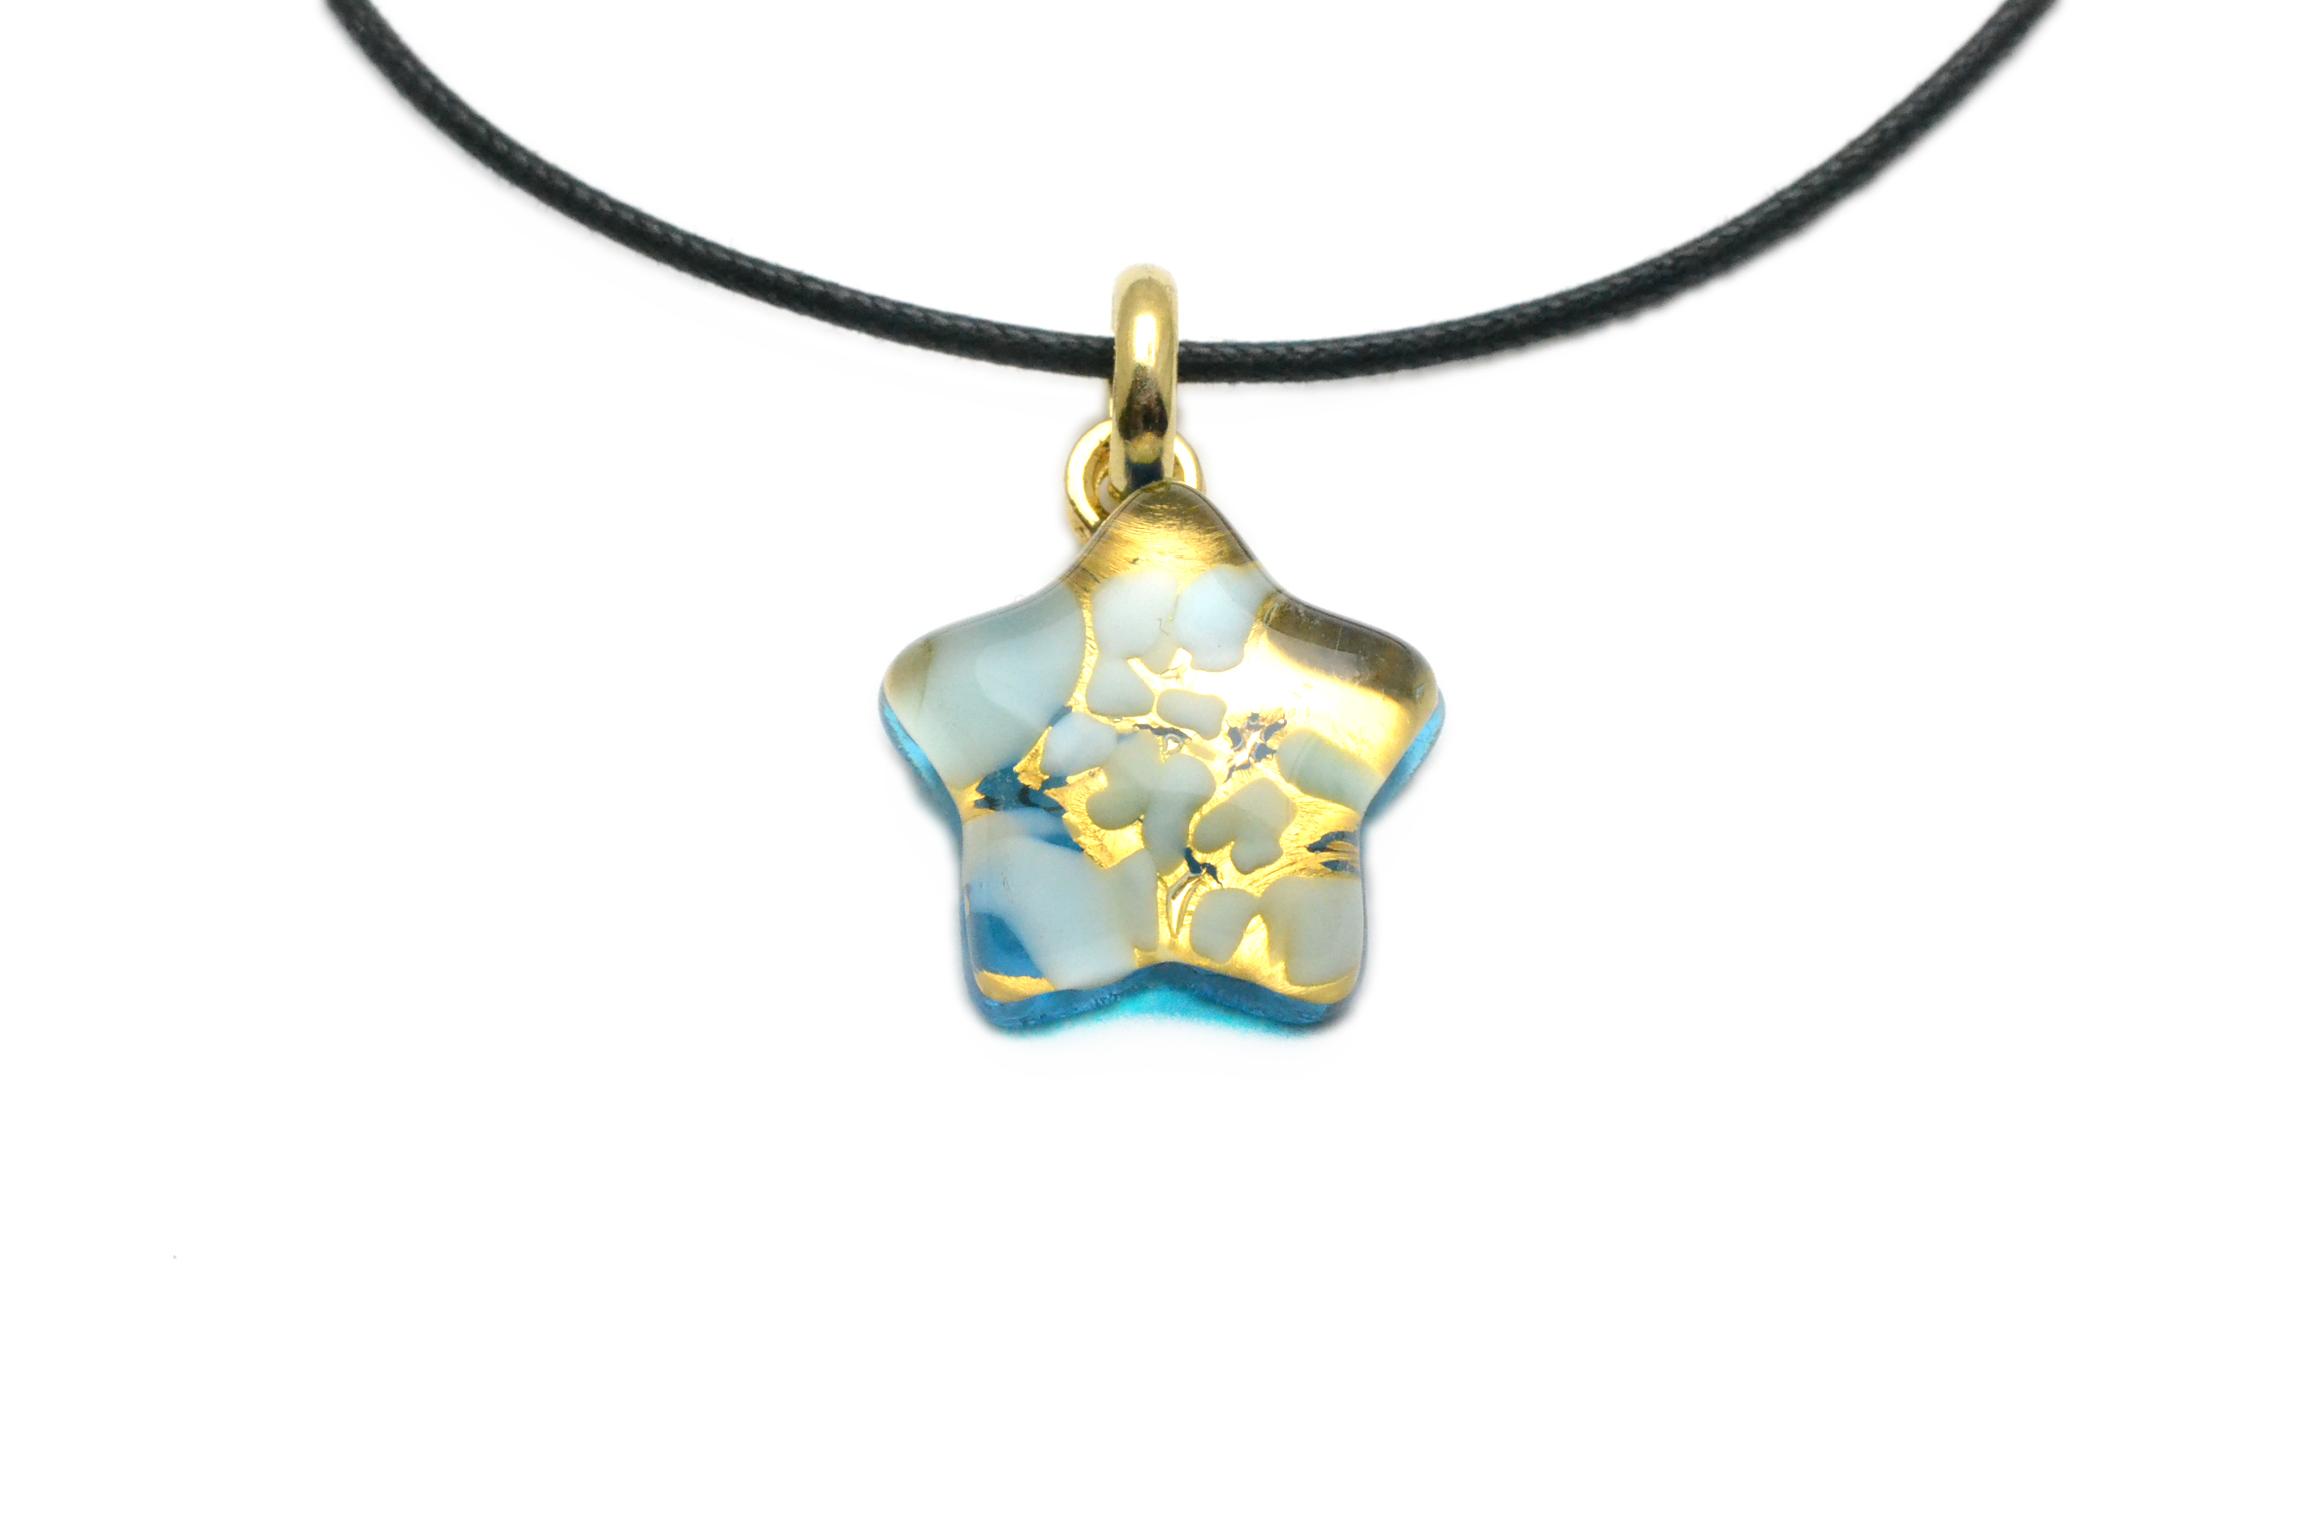 ムラーノグラスペンダント 星型ペンダントトップ ライトブルー&ゴールド ネックレス付き